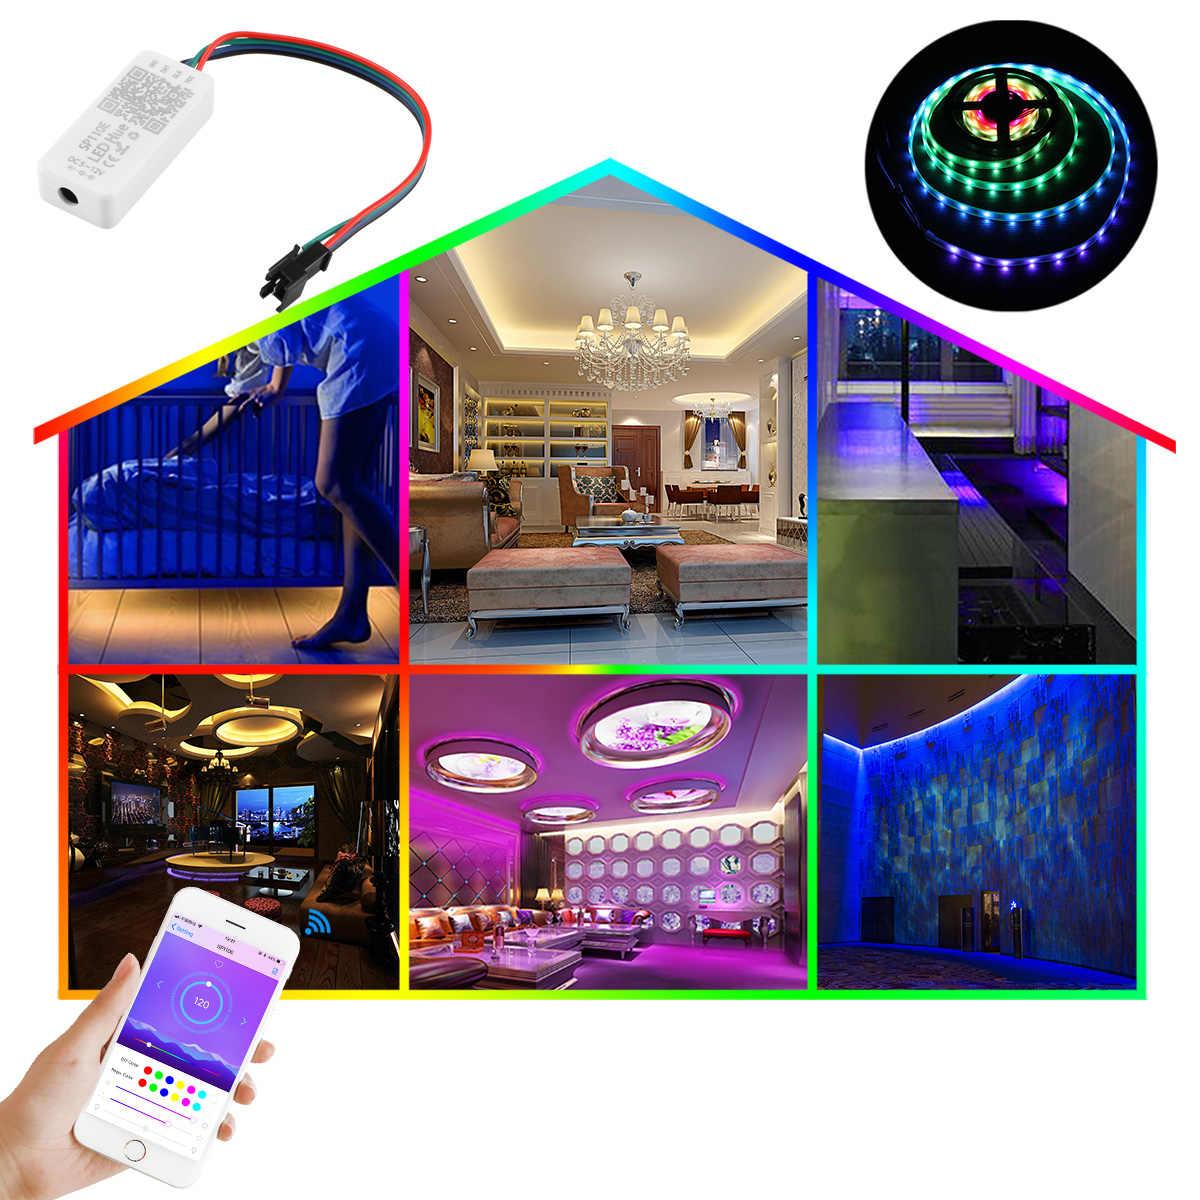 Волшебная полоска свет смарт-пульт дистанционного управления коммутатора Управление; RGB/RGBW волшебные огни светодиодный Pixel Газа смартфон приложение Управление DC5-12V